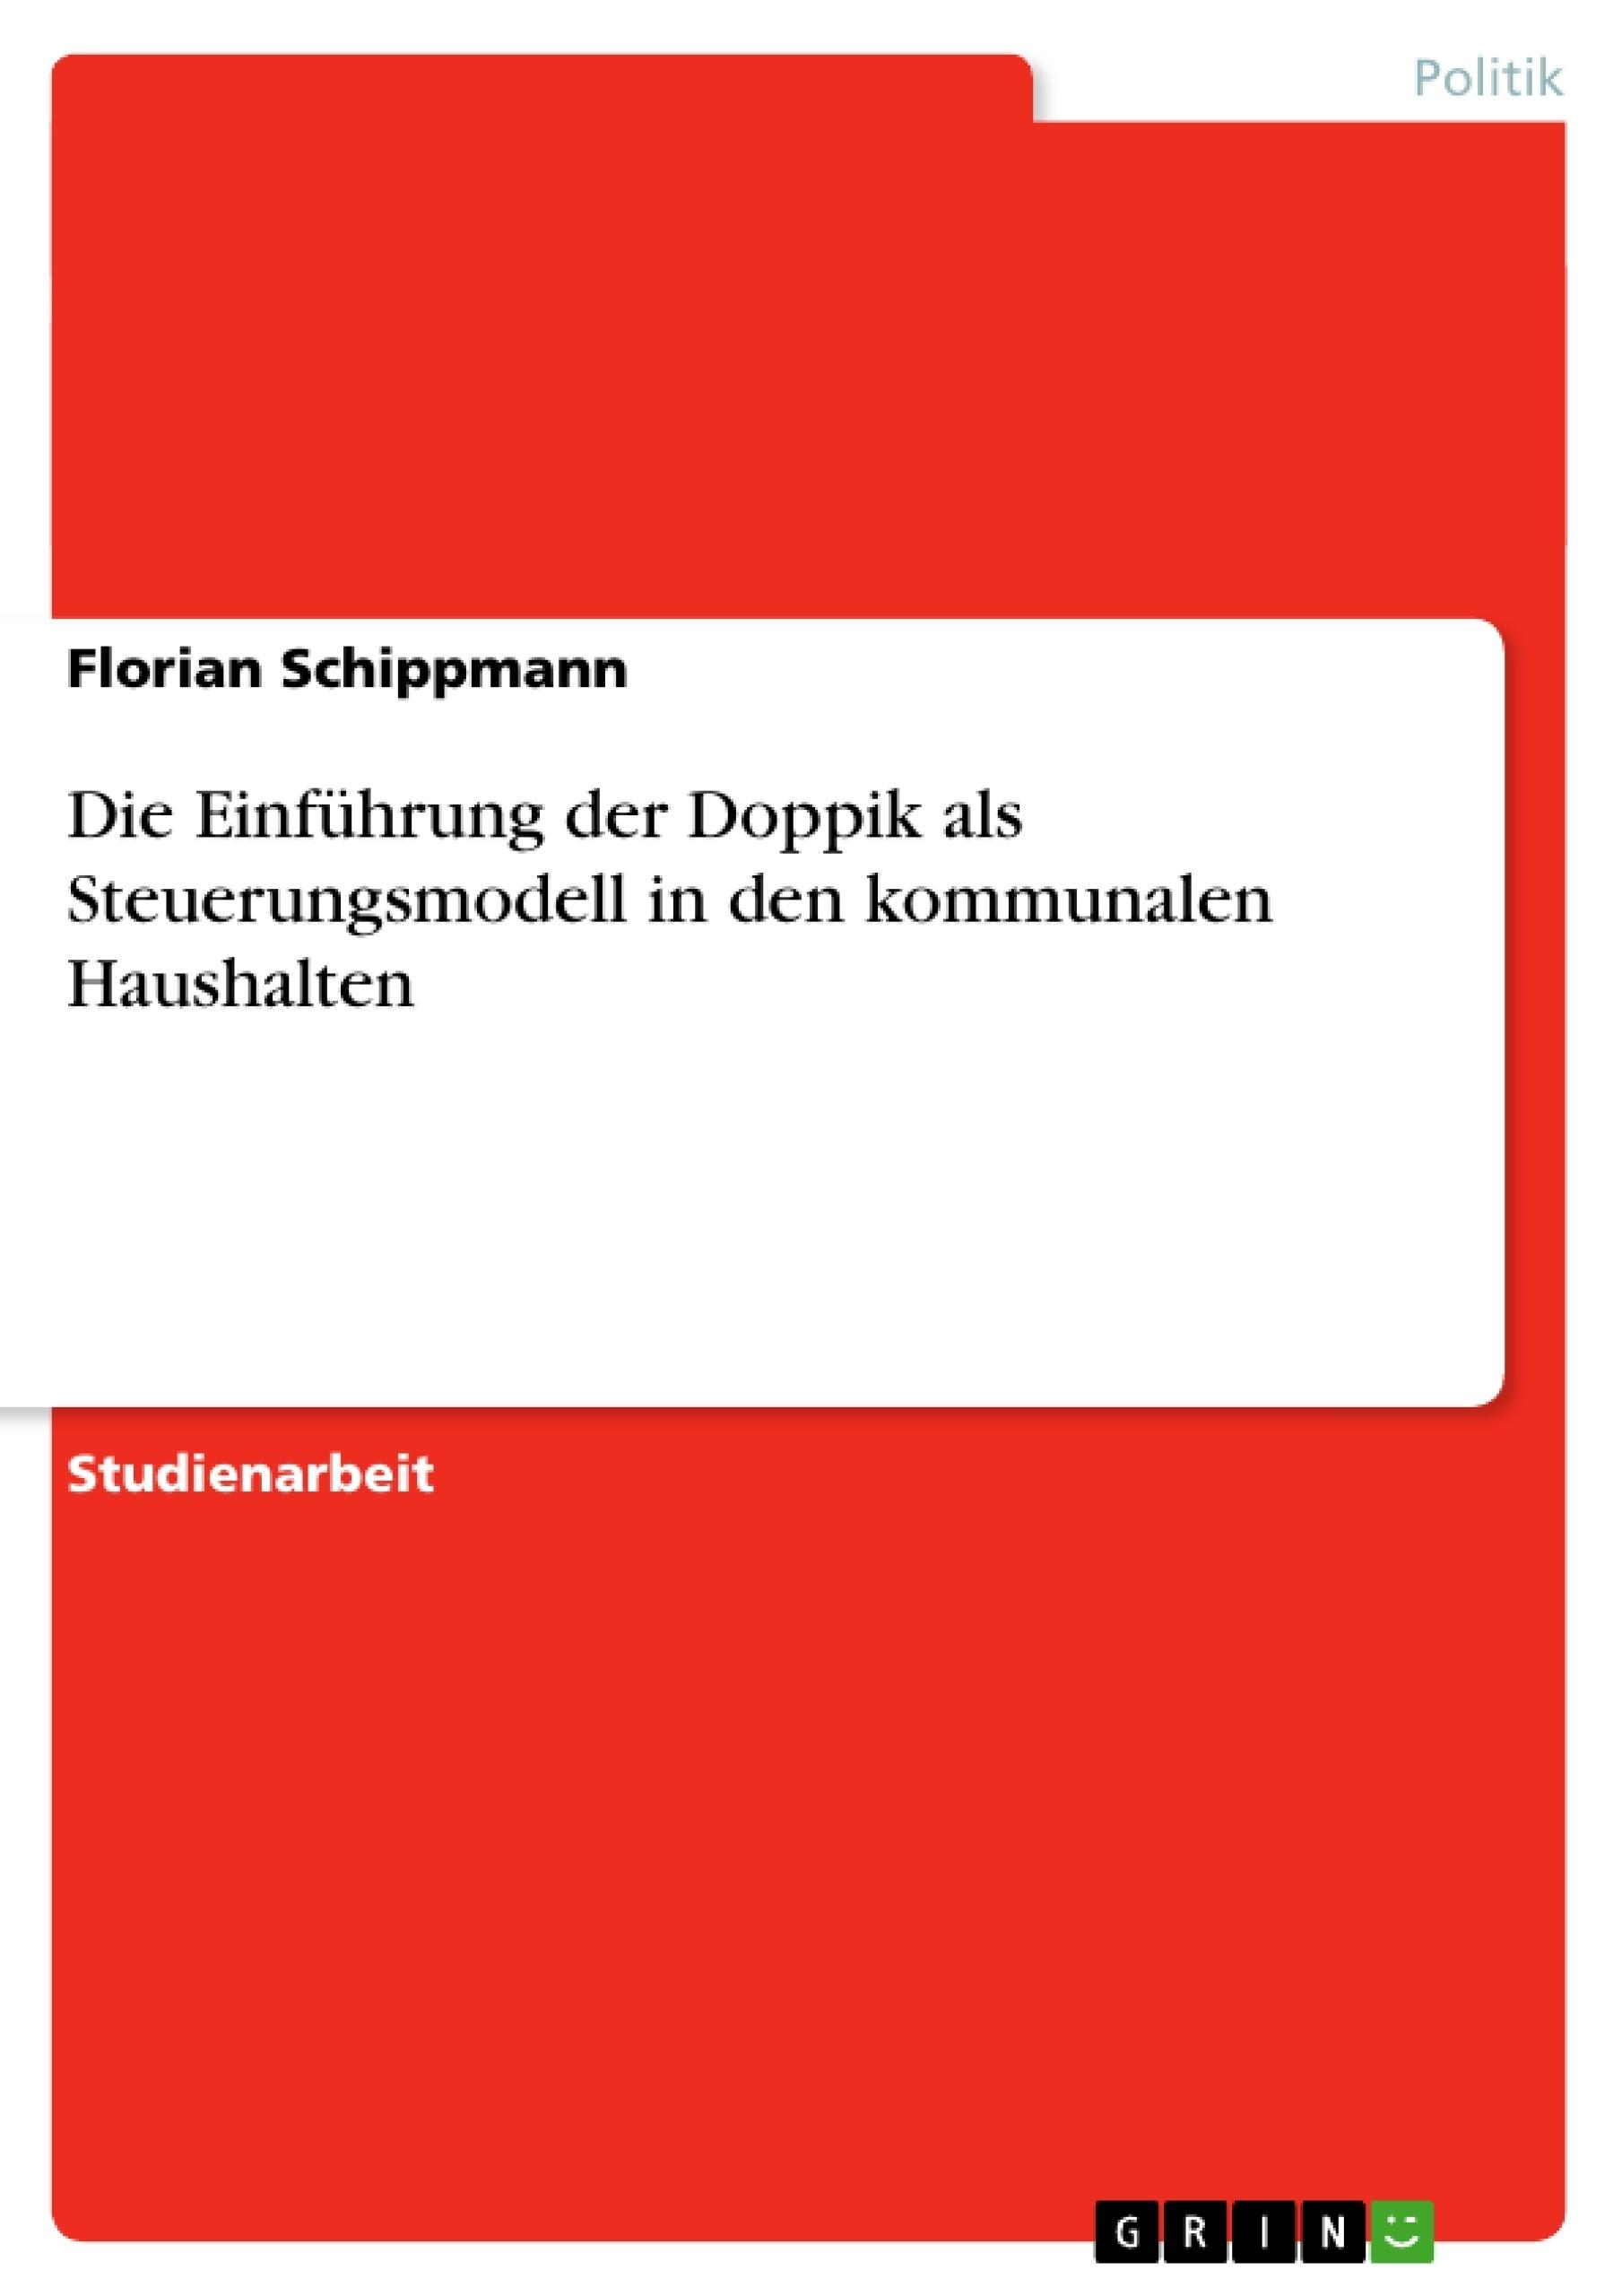 Titel: Die Einführung der Doppik als Steuerungsmodell in den kommunalen Haushalten